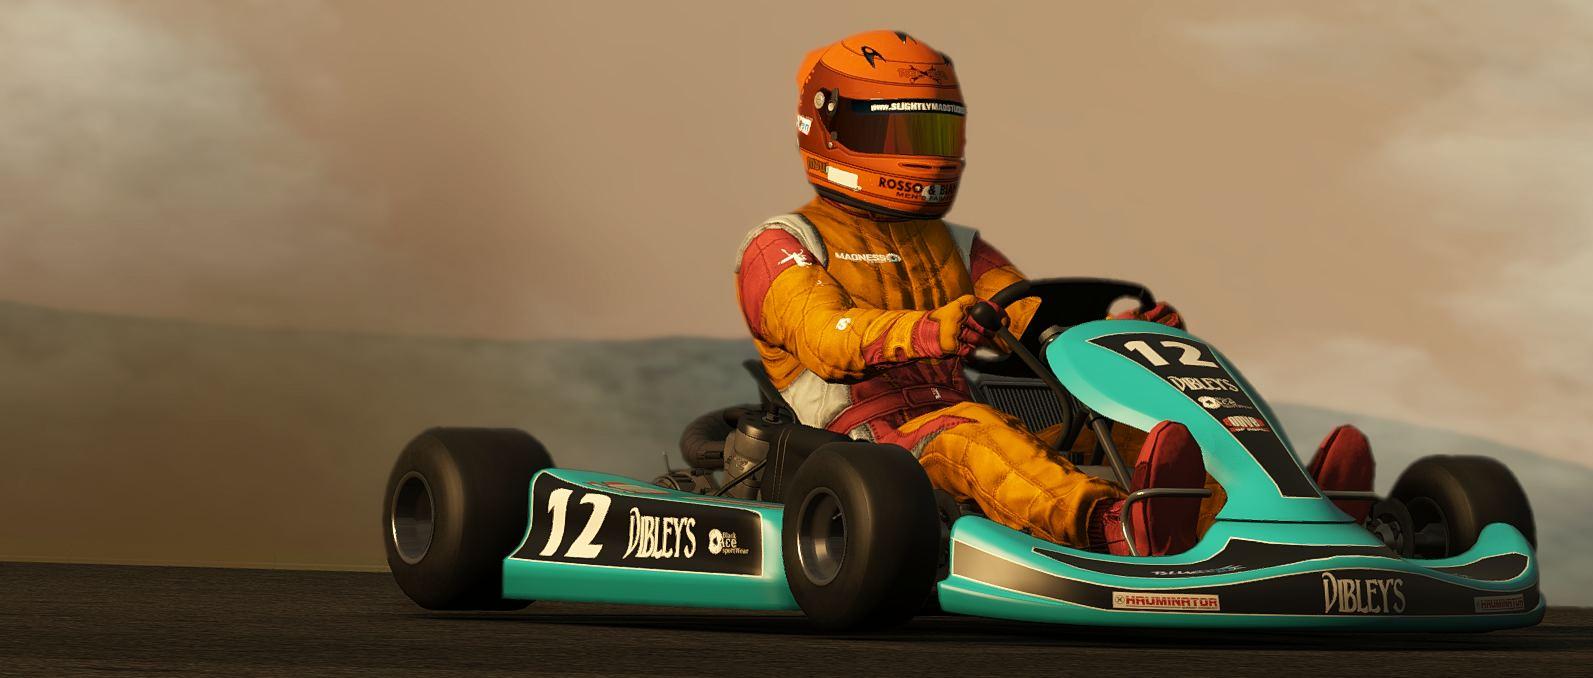 Obrazem: Motokárové závody v Project Cars 102123